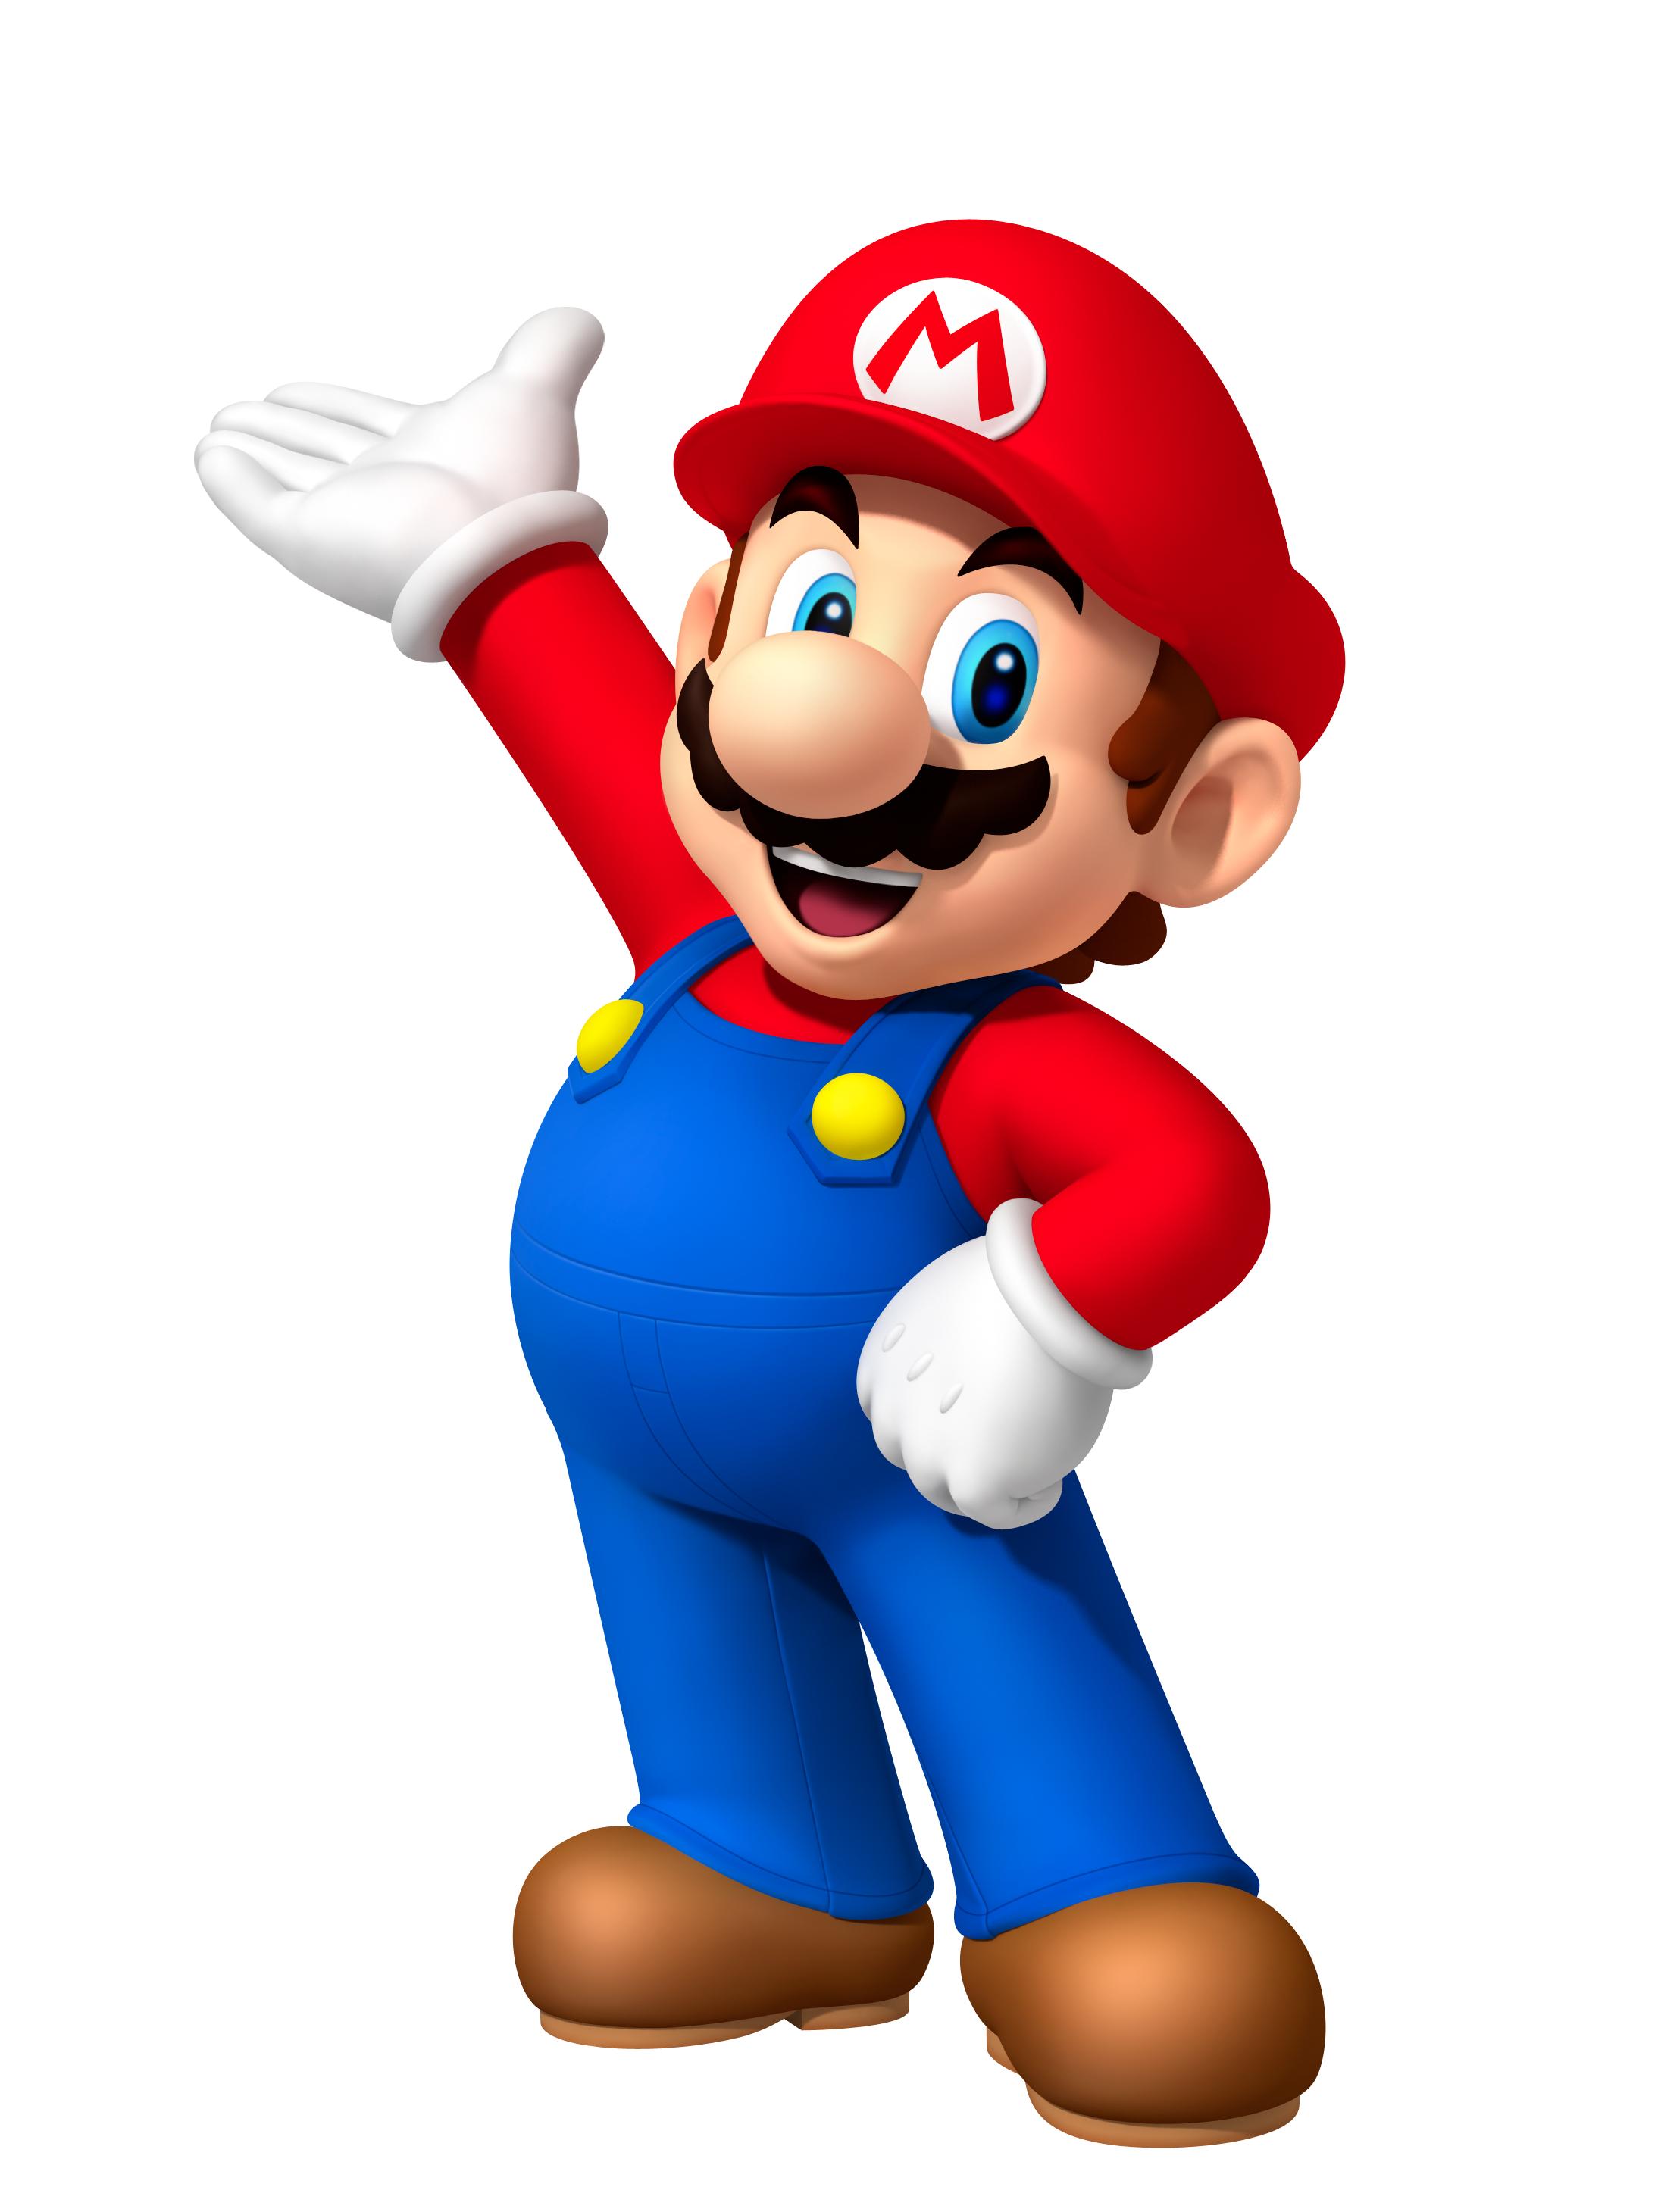 2192x2920 Super Mario